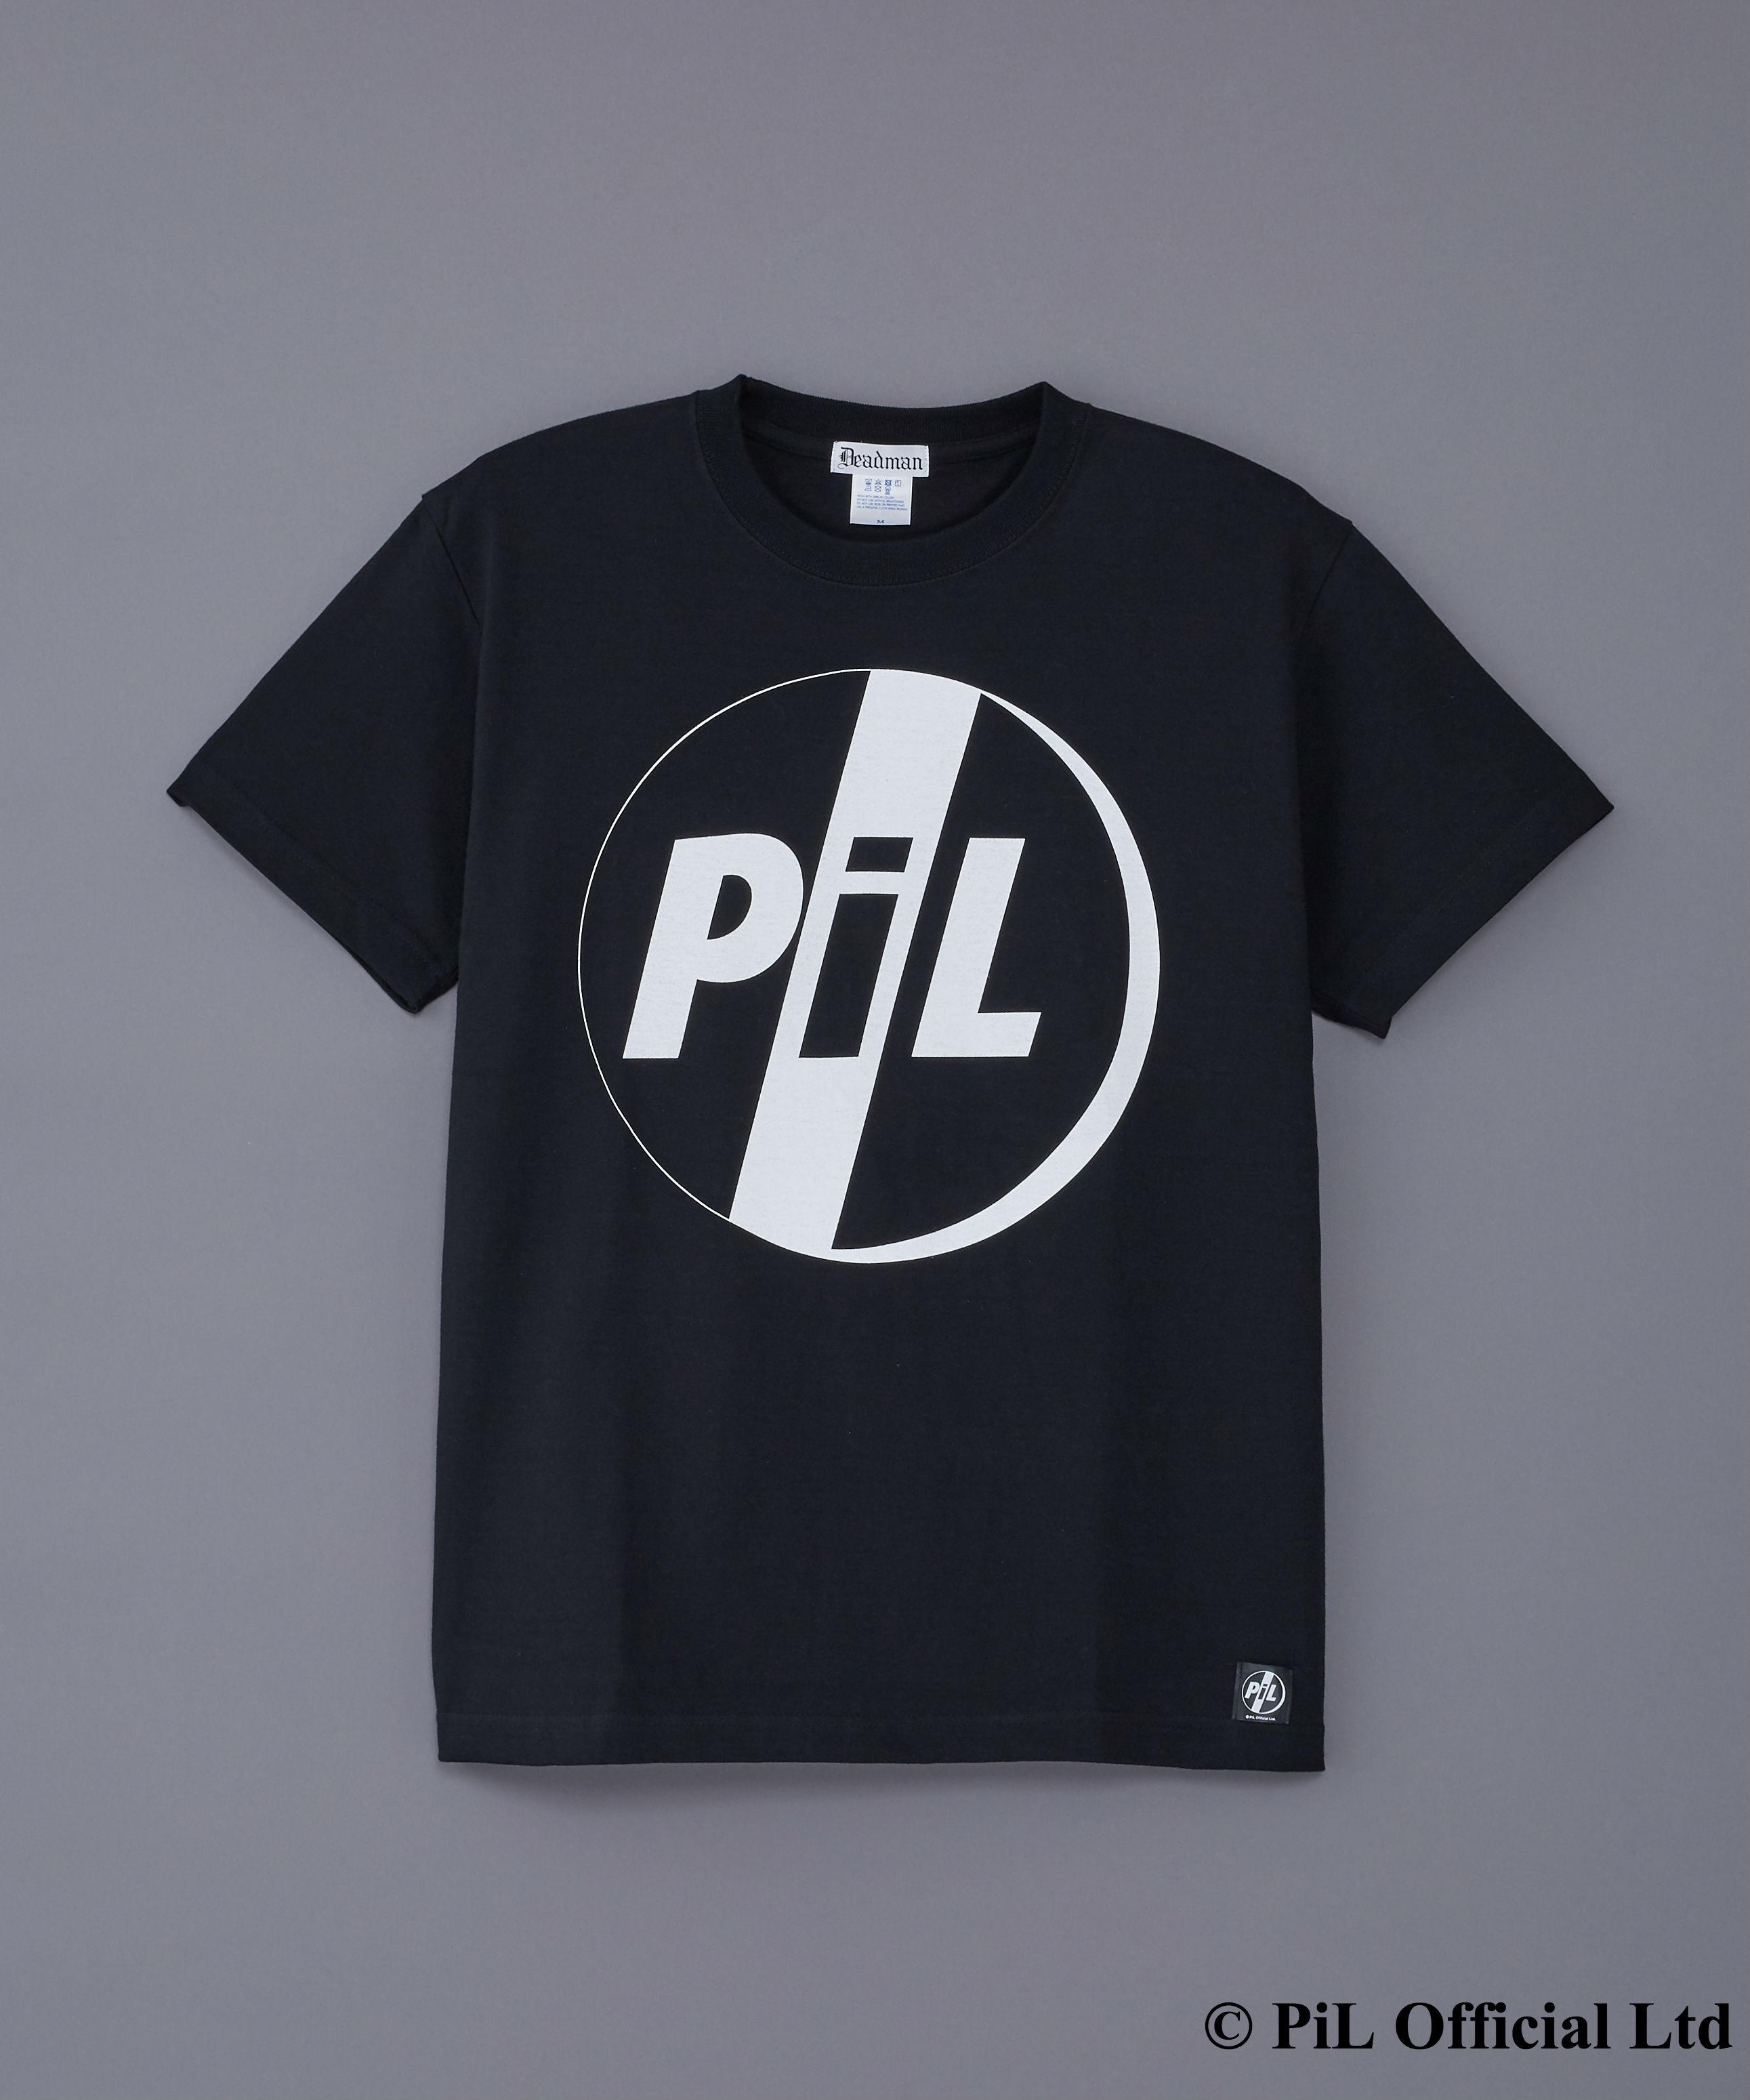 結成40周年を迎えるPiLがdeadmanとのコラボアイテムを発売